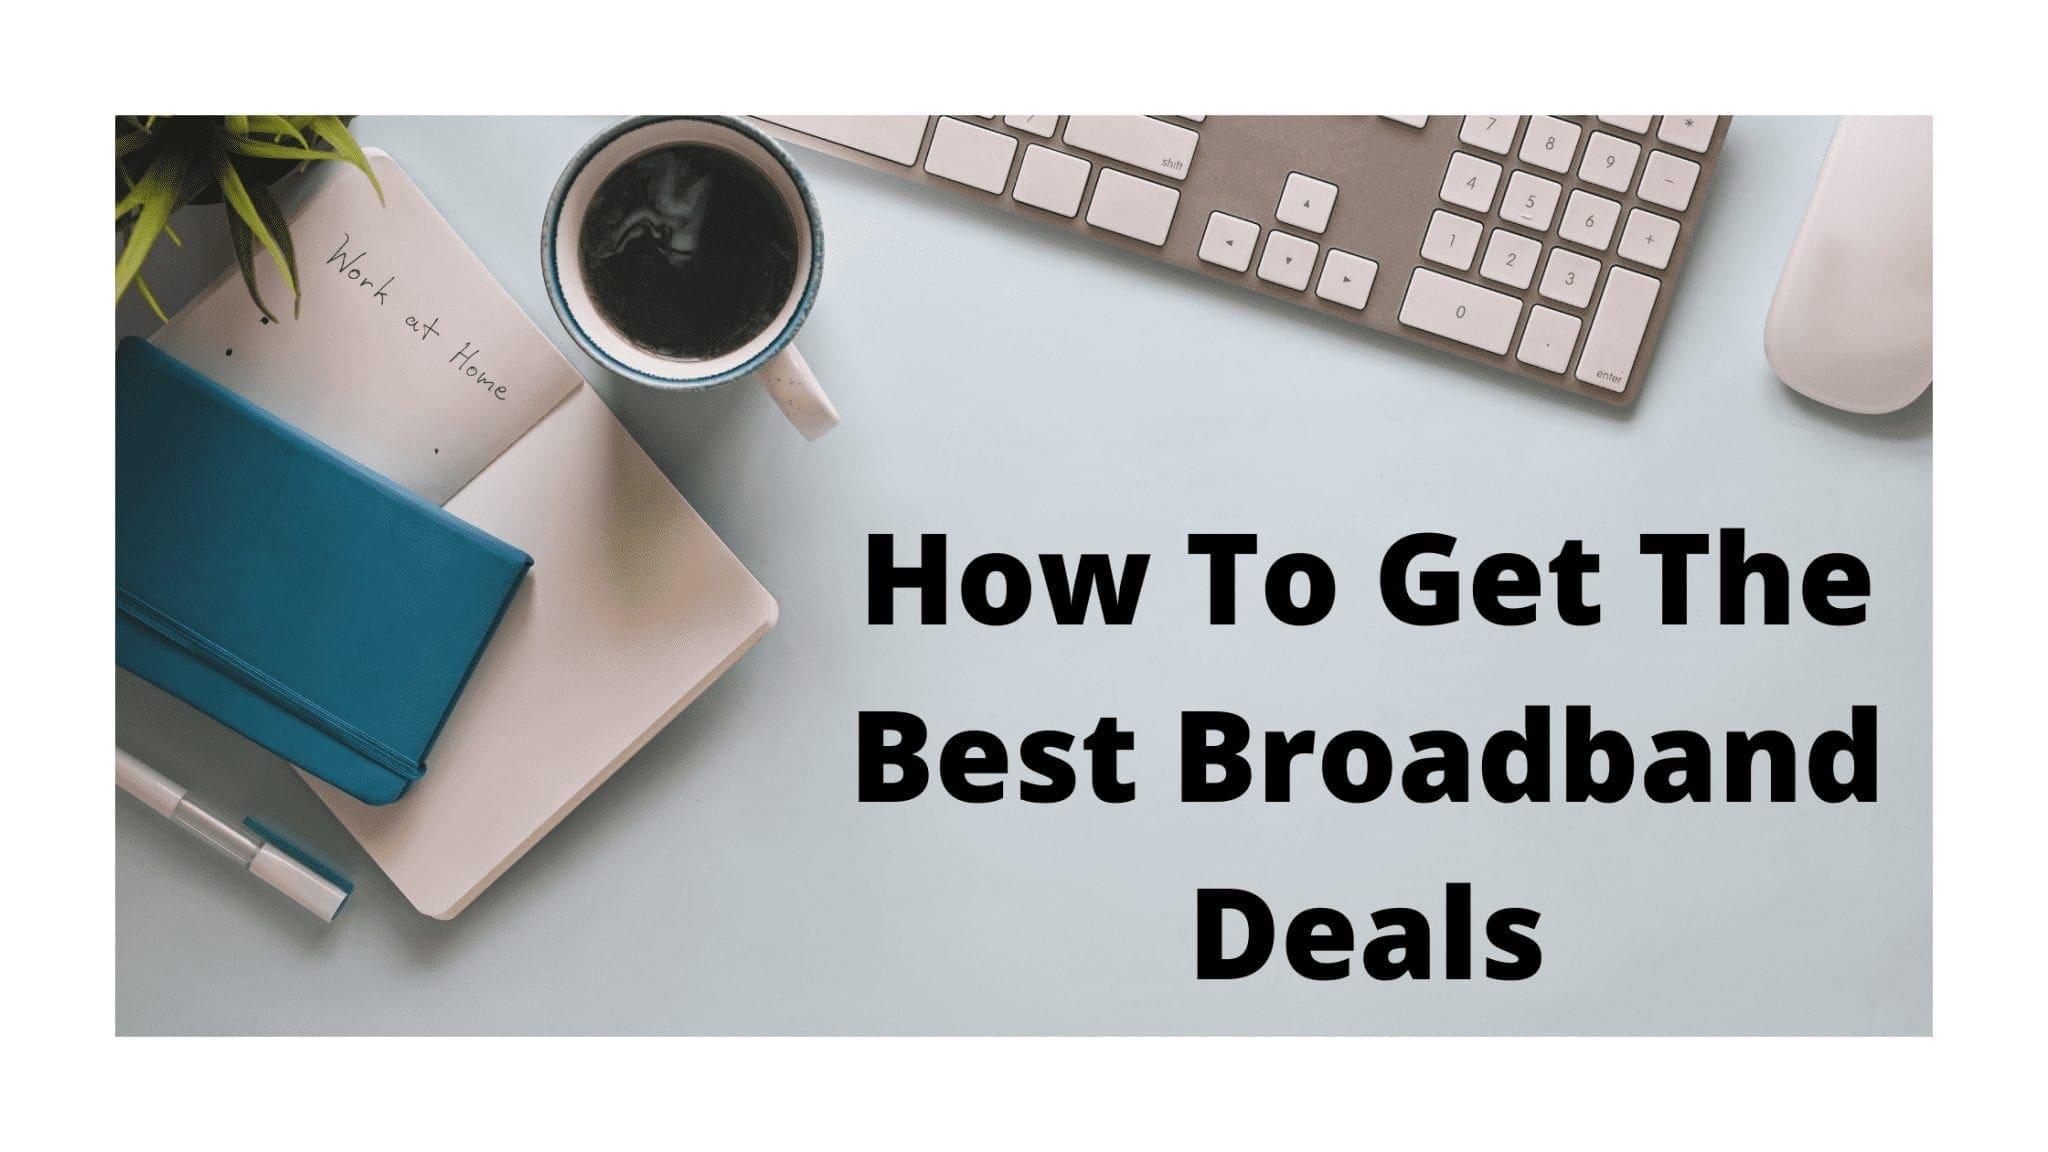 How To Get The Best Broadband Deals